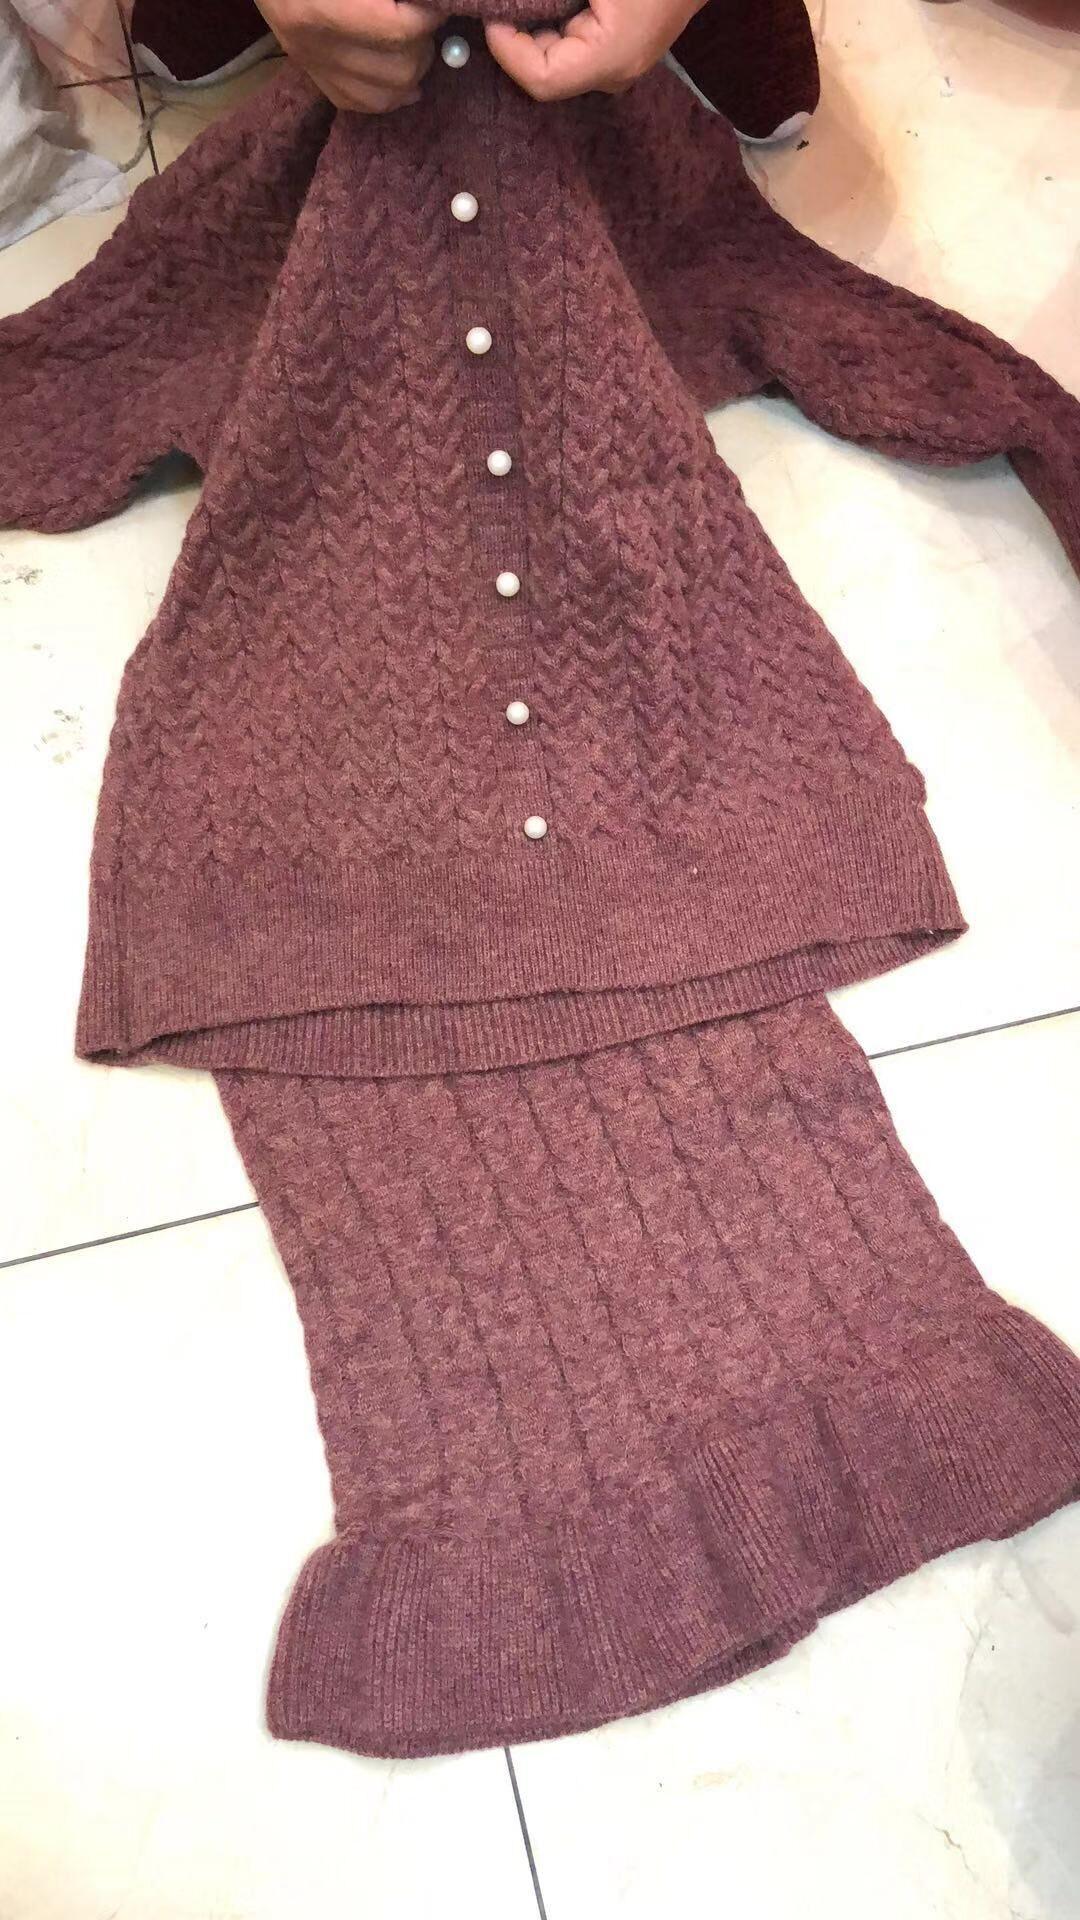 11.3新品 0点上新韩版宽松麻花套头毛衣半身裙两件套